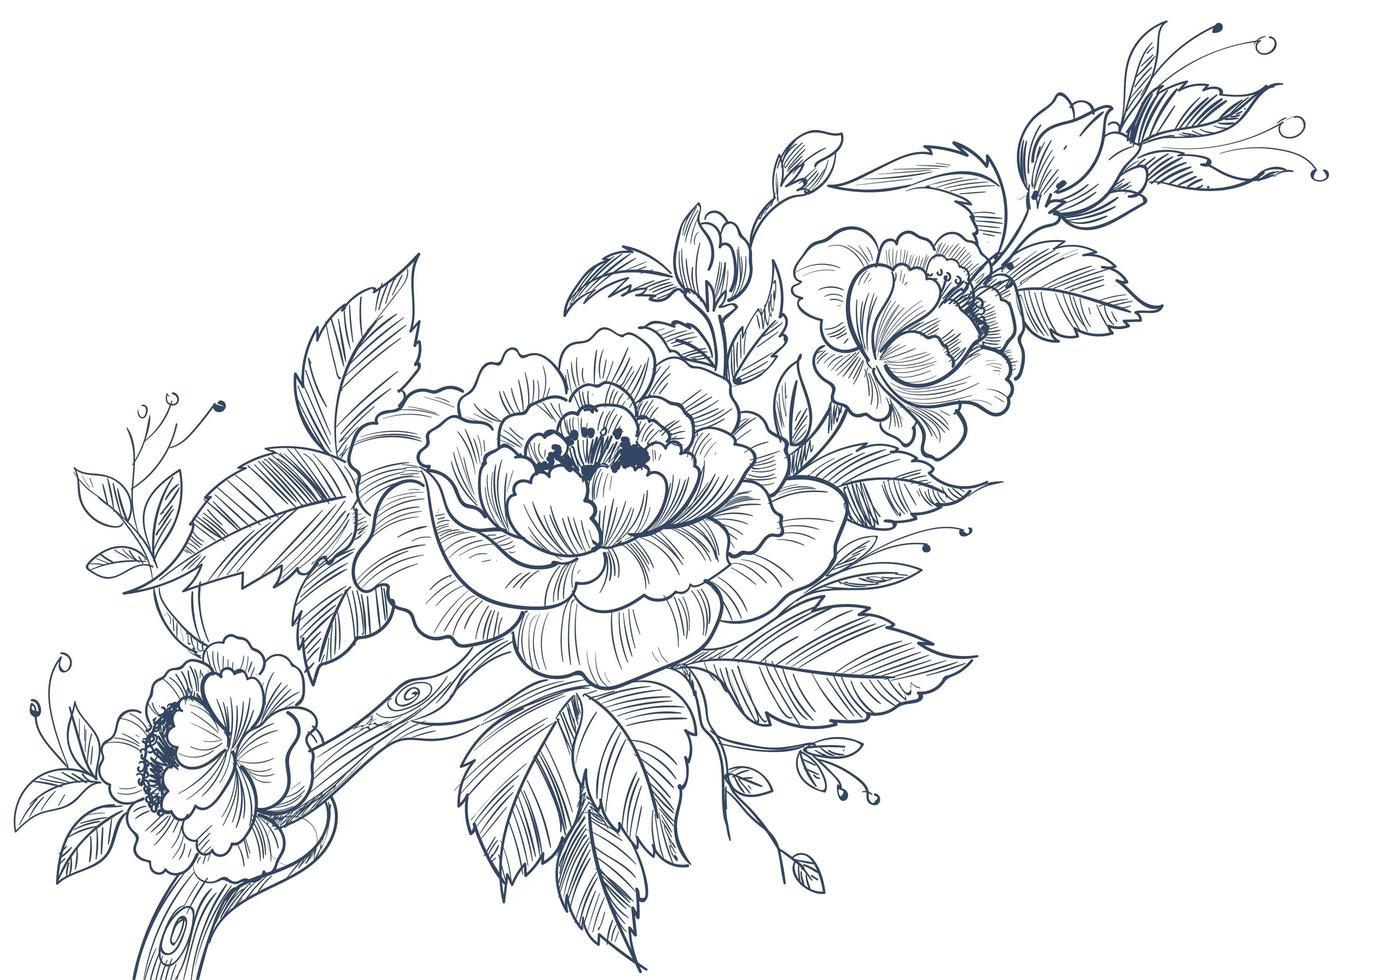 disegno floreale decorativo abbozzato vettore